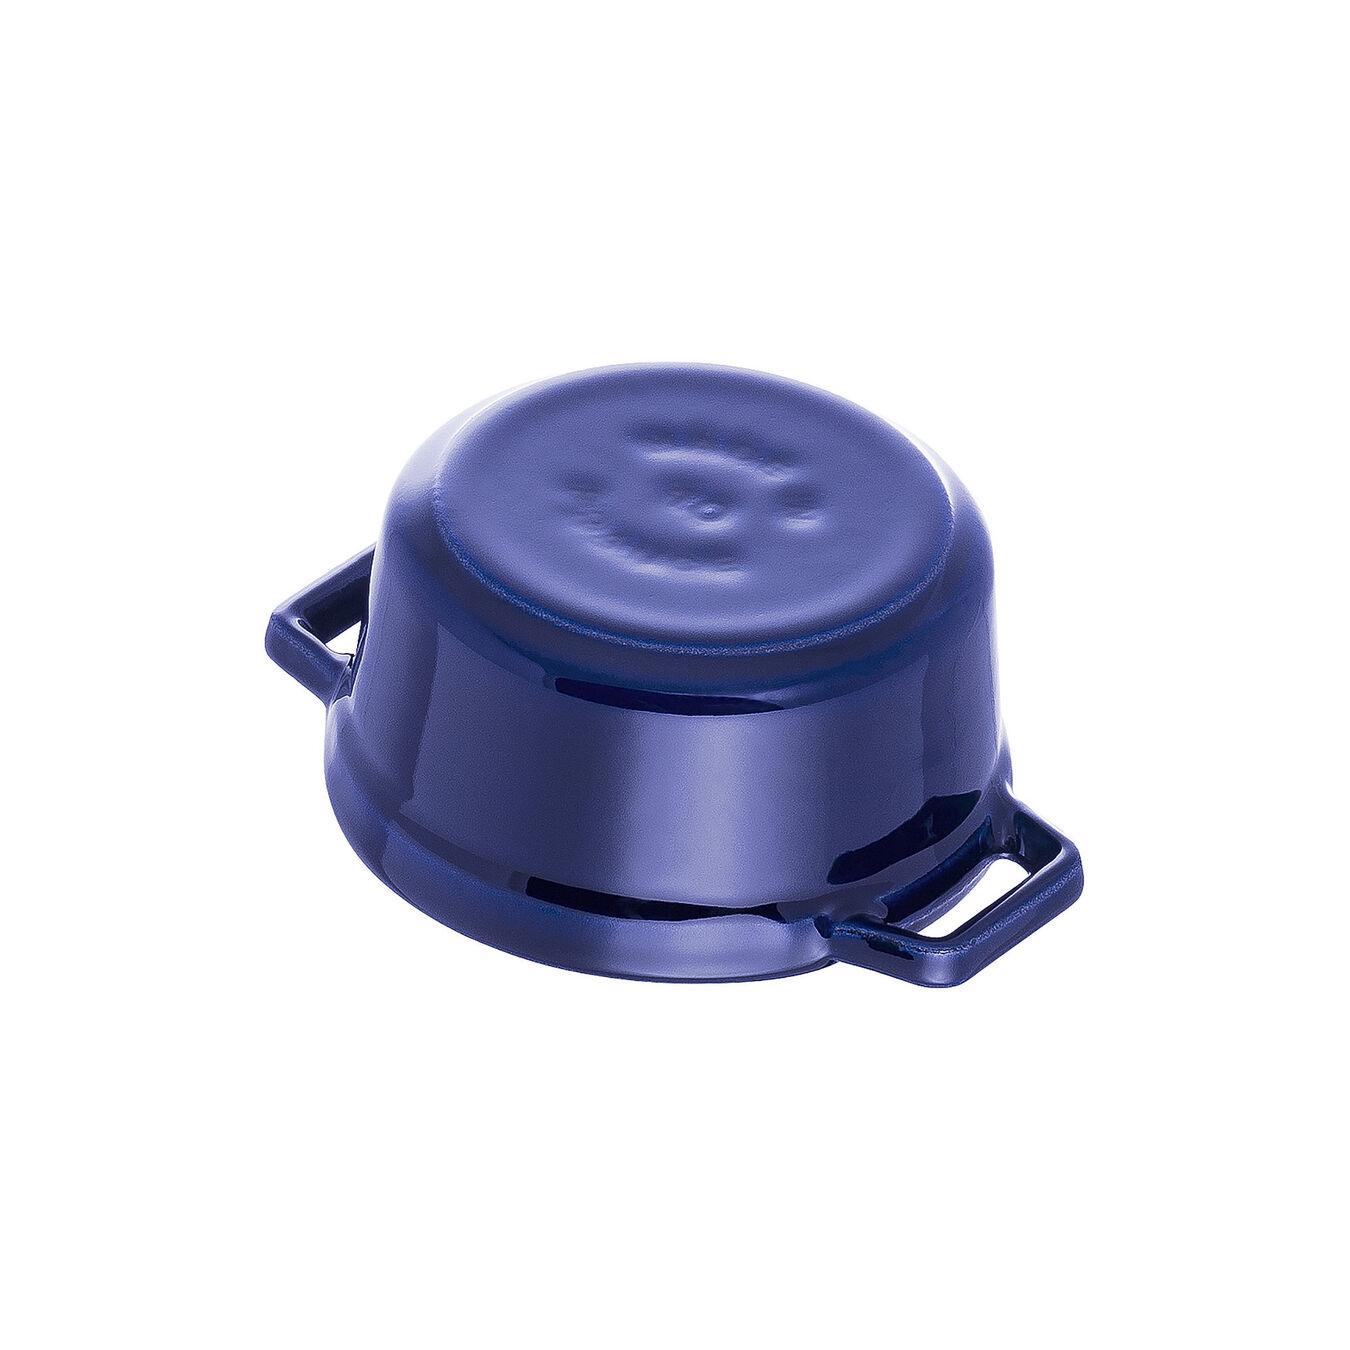 Mini cocotte rotonda - 10 cm, blu scuro,,large 3